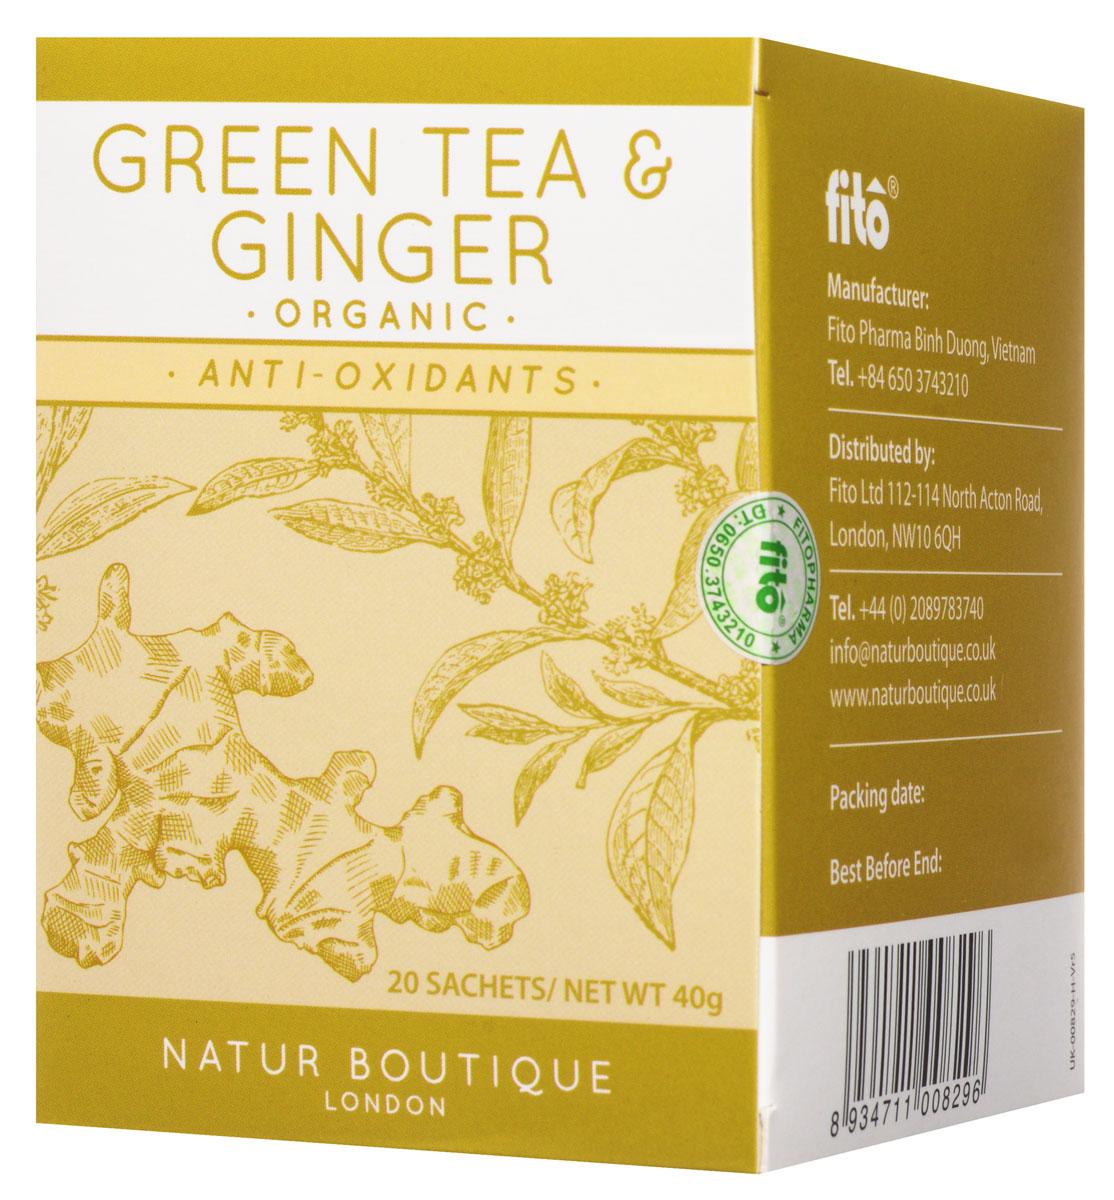 Natur Boutique Green Tea&Ginger Organic Tea органический зеленый чай с имбирем, 20 пакетиков101246Органический зеленый чай Natur Boutique Green Tea&Ginger Organic Tea подарит вам отличный освежающий вкус. Выращенный на лучших северных плантациях Вьетнама с использованием самых высококачественных удобрений, он обладает прекрасными целебными свойствами и великолепно сочетает в себе превосходный аромат зеленого чая и имбиря. Производство ведется без использования химических добавок и ароматизаторов, что помогает достигать потрясающего натурального вкуса.В его состав входят только зеленый чай и имбирь. Добавление каких-либо примесей недопустимо. Данный товар имеет огромную пользу для каждого человека, ведь употребление этого чая поспособствует повышению умственных и физических показателей организма, а также значительному улучшению его тонуса. Повышенное содержание антиоксидантов позволяет достигать великолепных результатов и очищать организм от вредоносного воздействия загрязнённой окружающей среды. Natur Boutique также прекрасно восстанавливает метаболизм и корректирует вес, что самым лучшим образом отразится на здоровье каждого человека, а содержащийся в нем имбирь улучшает пищеварение, освежает и отлично помогает при простуде.